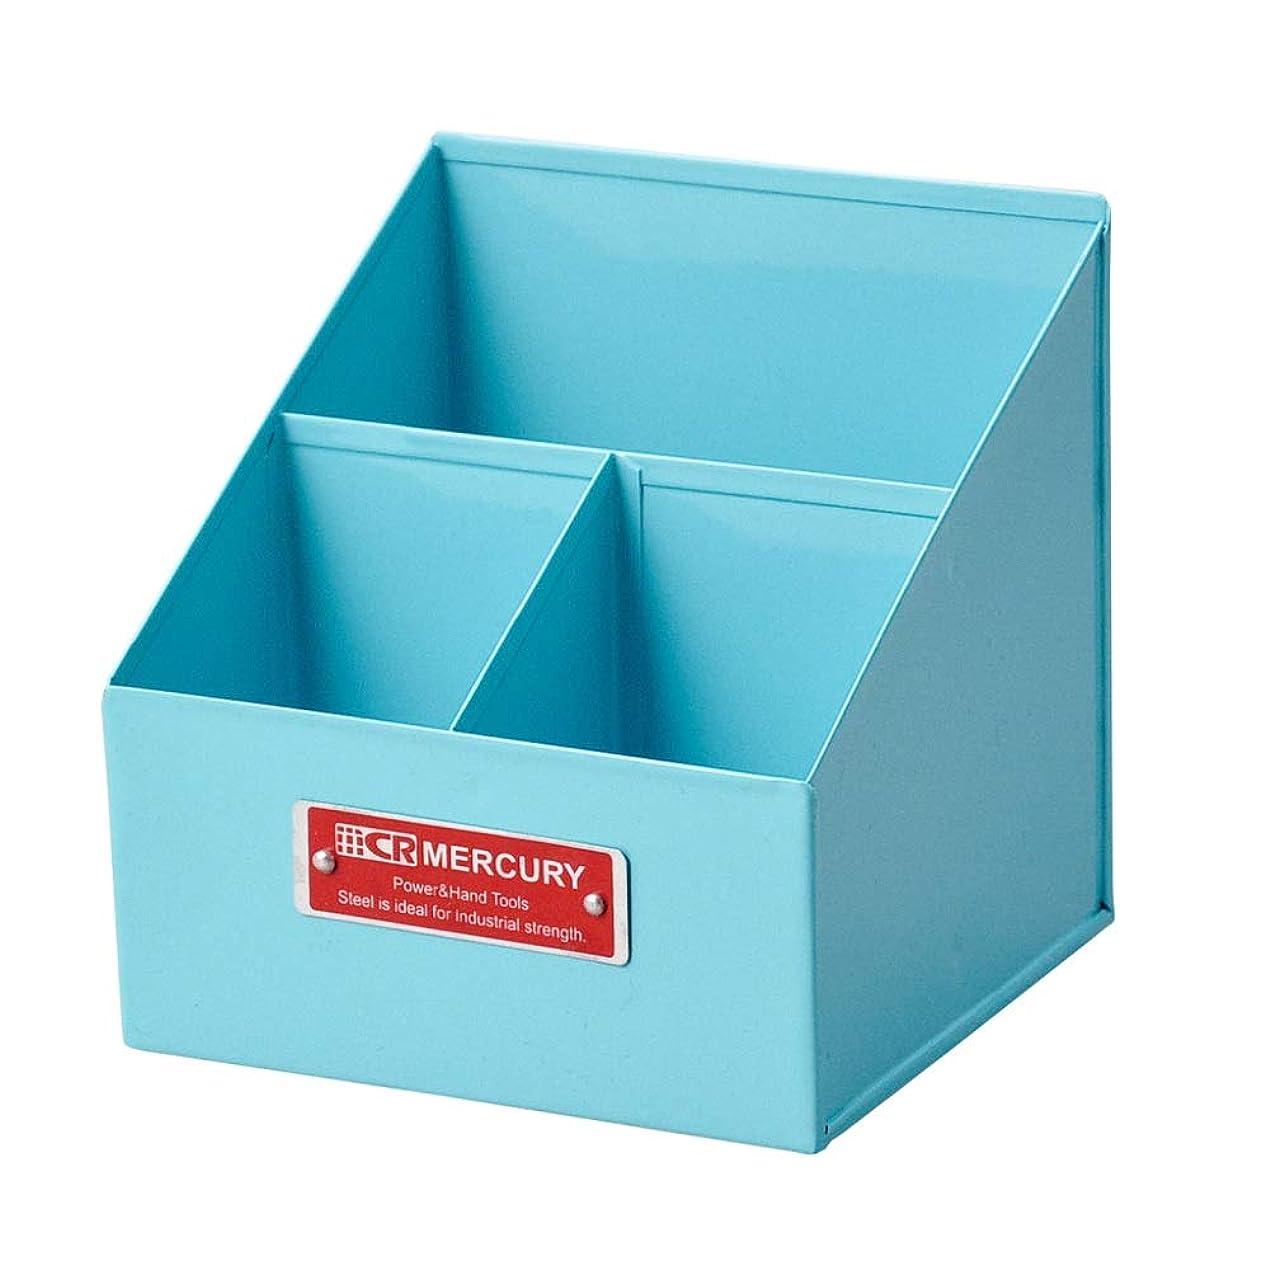 育成退屈天井MERCURY マーキュリー アメリカン リモートツールボックス (ブルー) アメリカン雑貨 アメリカ 雑貨 ツールボックス リモコンケース 卓上 収納 インテリア グッズ